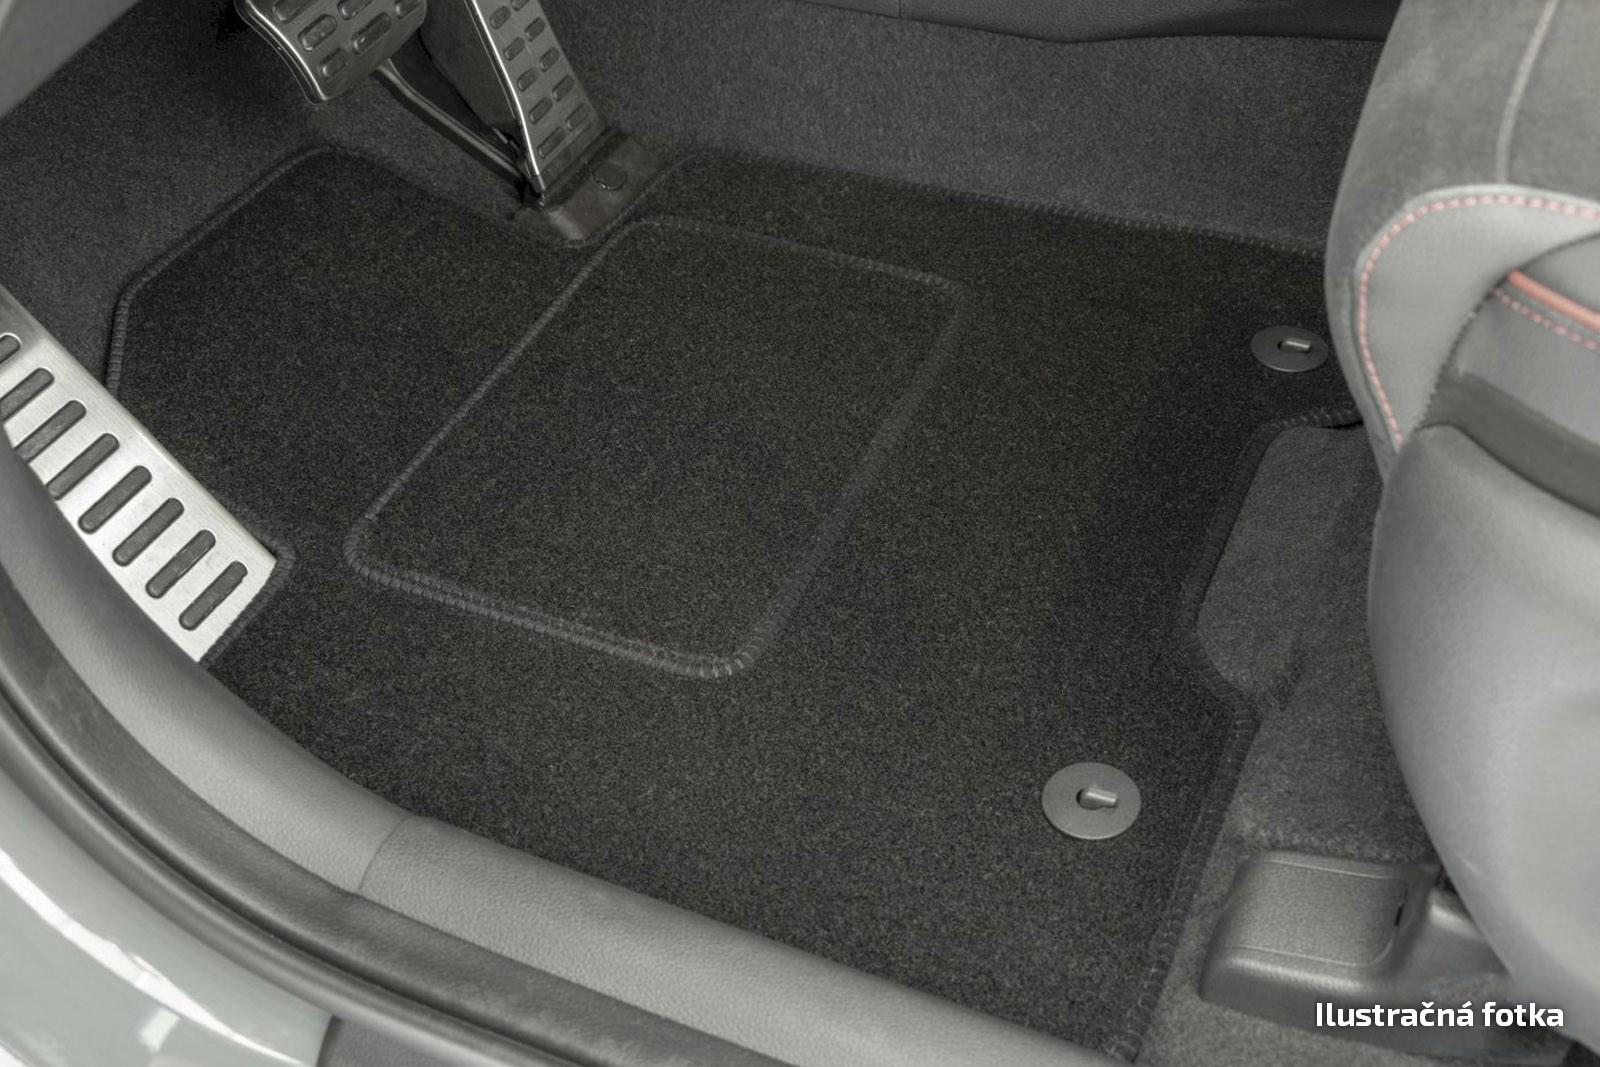 Poza cu Covorase din velur, Opel Agila, 2000-2007